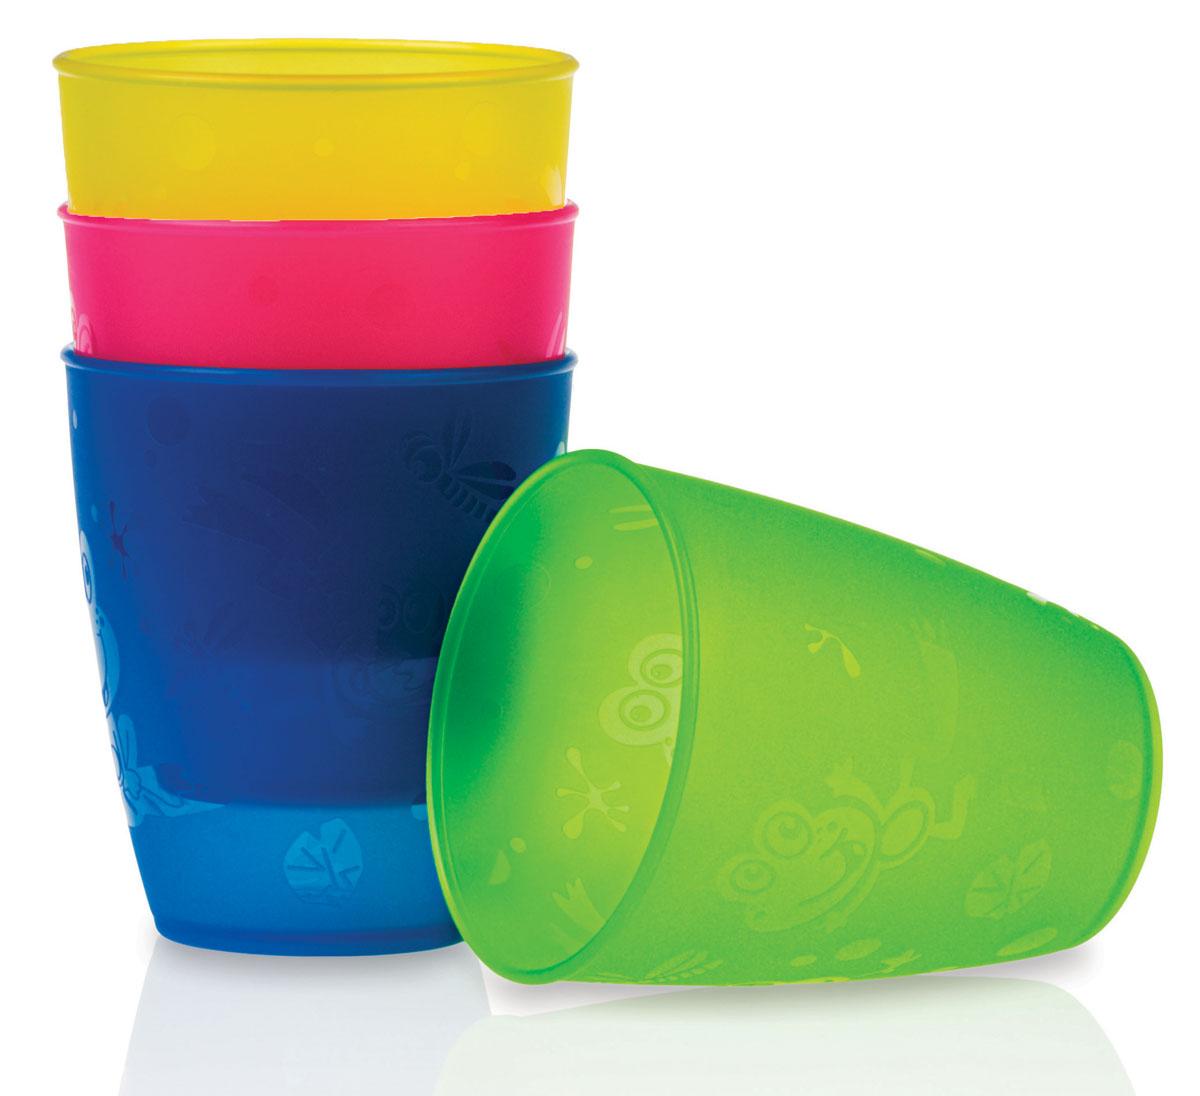 Набор стаканов Nuby, 300 мл, 4 штID65662Набор Nuby включает 4 разноцветных высоких стаканчика, изготовленных из высококачественного пищевого пластика (не содержит бисфенол А). Изделия оформлены изображением лягушат и стрекоз. Нескользящее покрытие придает стаканам большую устойчивость. Такие стаканы помогут малышу перейти к использованию обычной чашки. Для детей с 18-ти месяцев. Разные цвета помогут создать праздник для вашего малыша. Можно использовать во время пикника. Можно мыть в посудомоечной машине и ставить в СВЧ-печь.